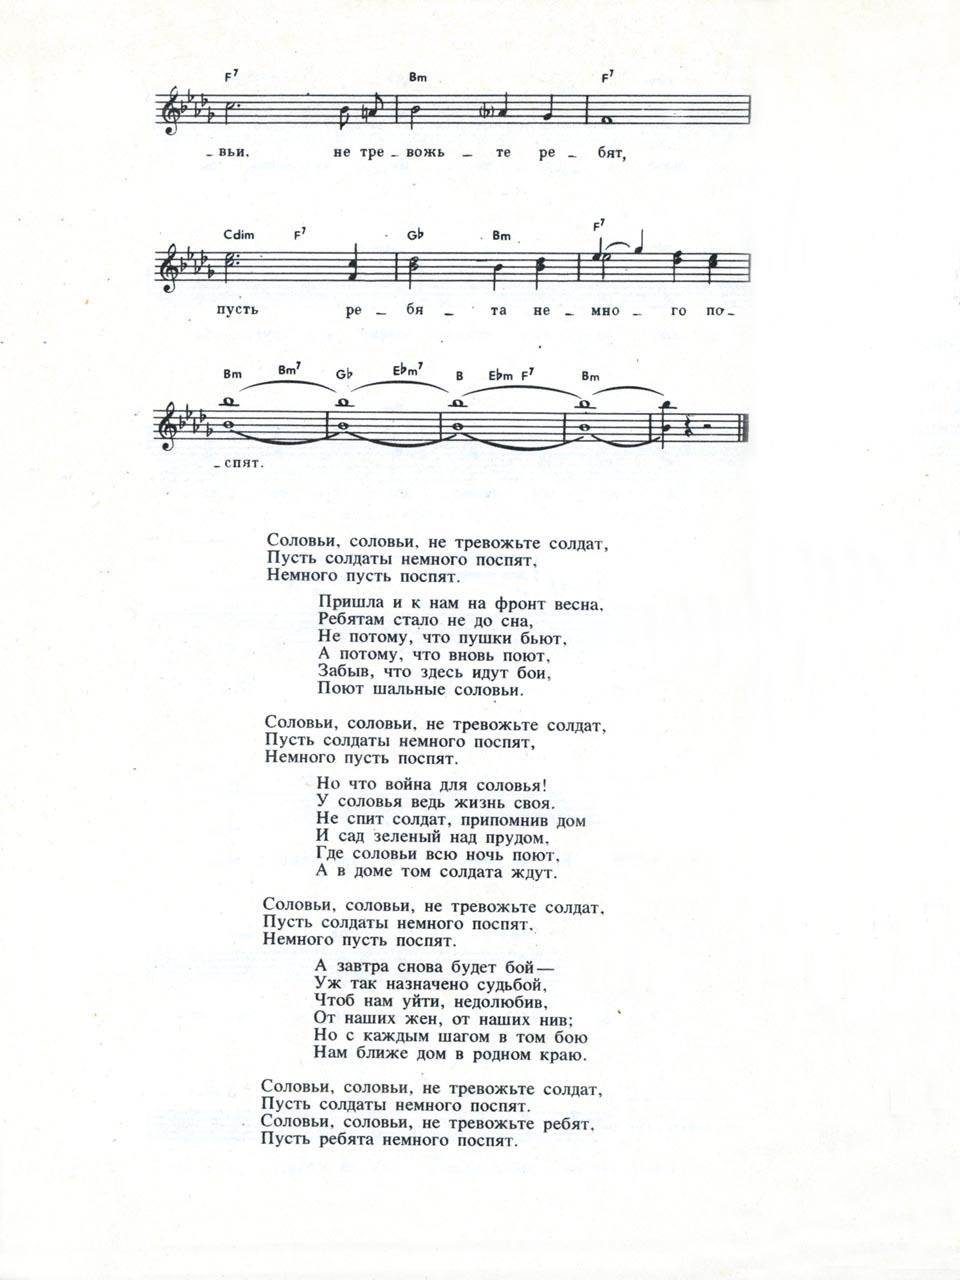 В. Соловьев-Седой, А. Фатьянов. Песня «Соловьи». Ноты для голоса и аккорды